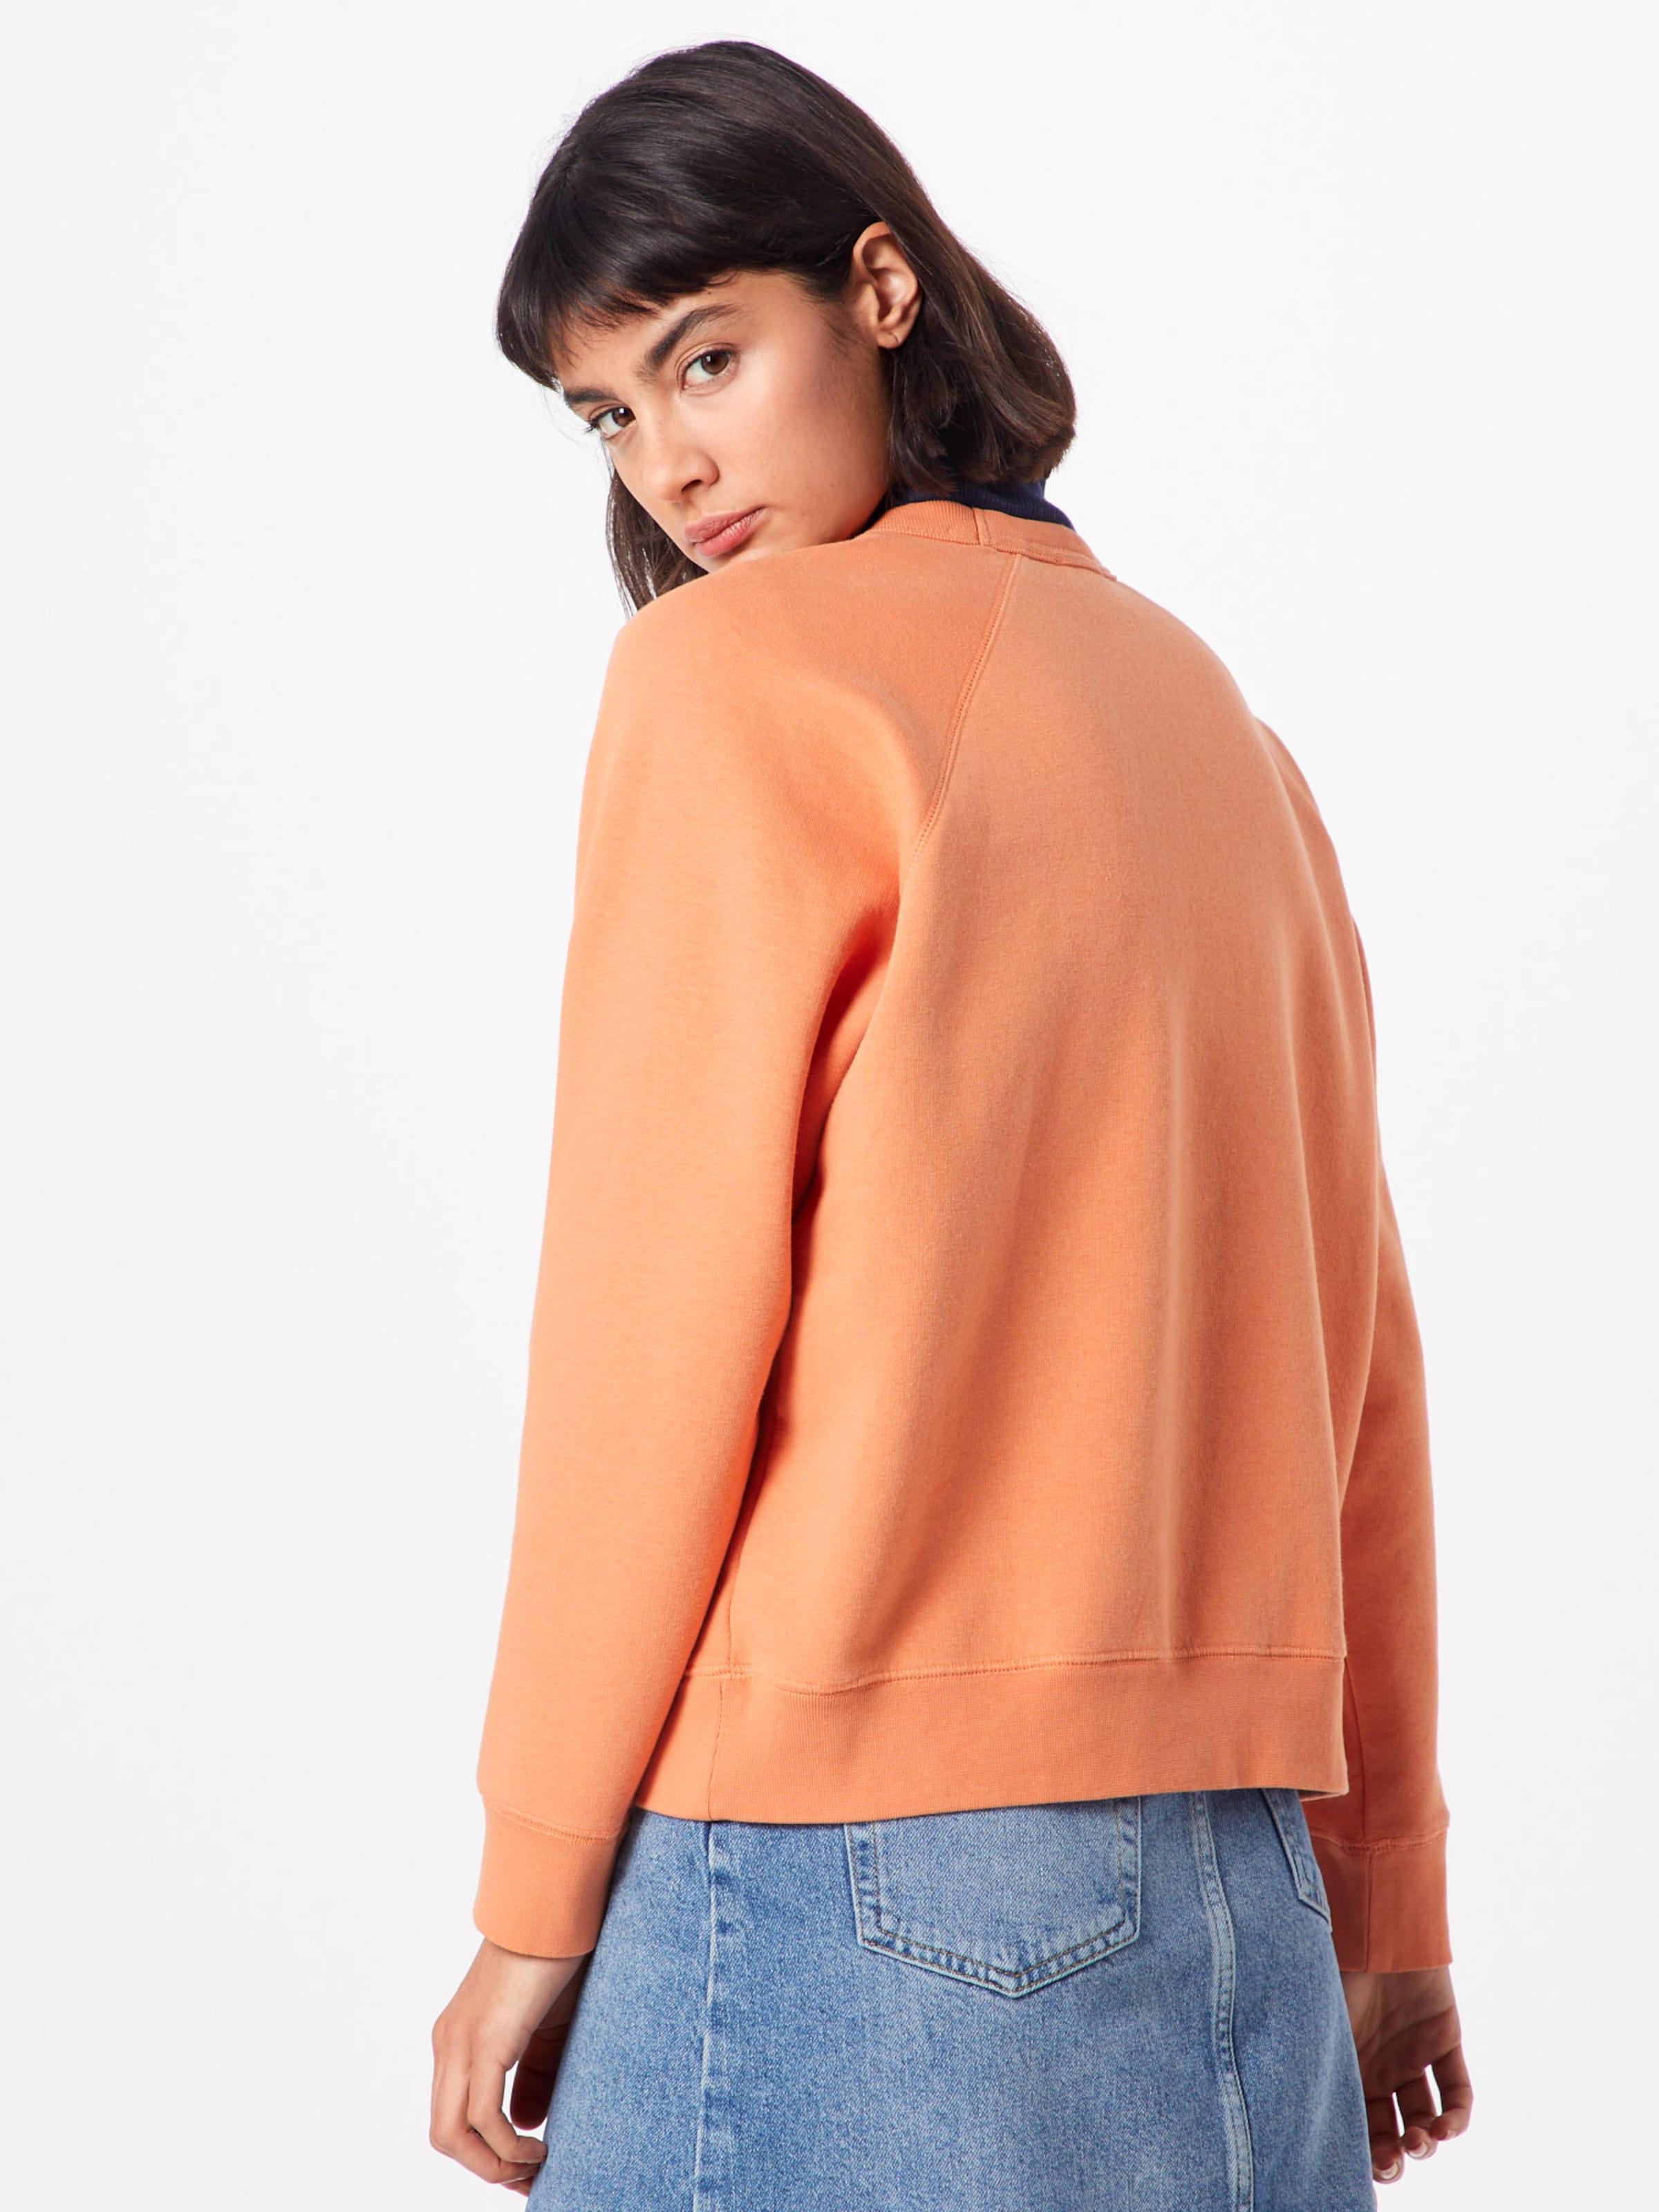 Wood 'jerri' shirt Orange En Sweat 7Yf6bvyg